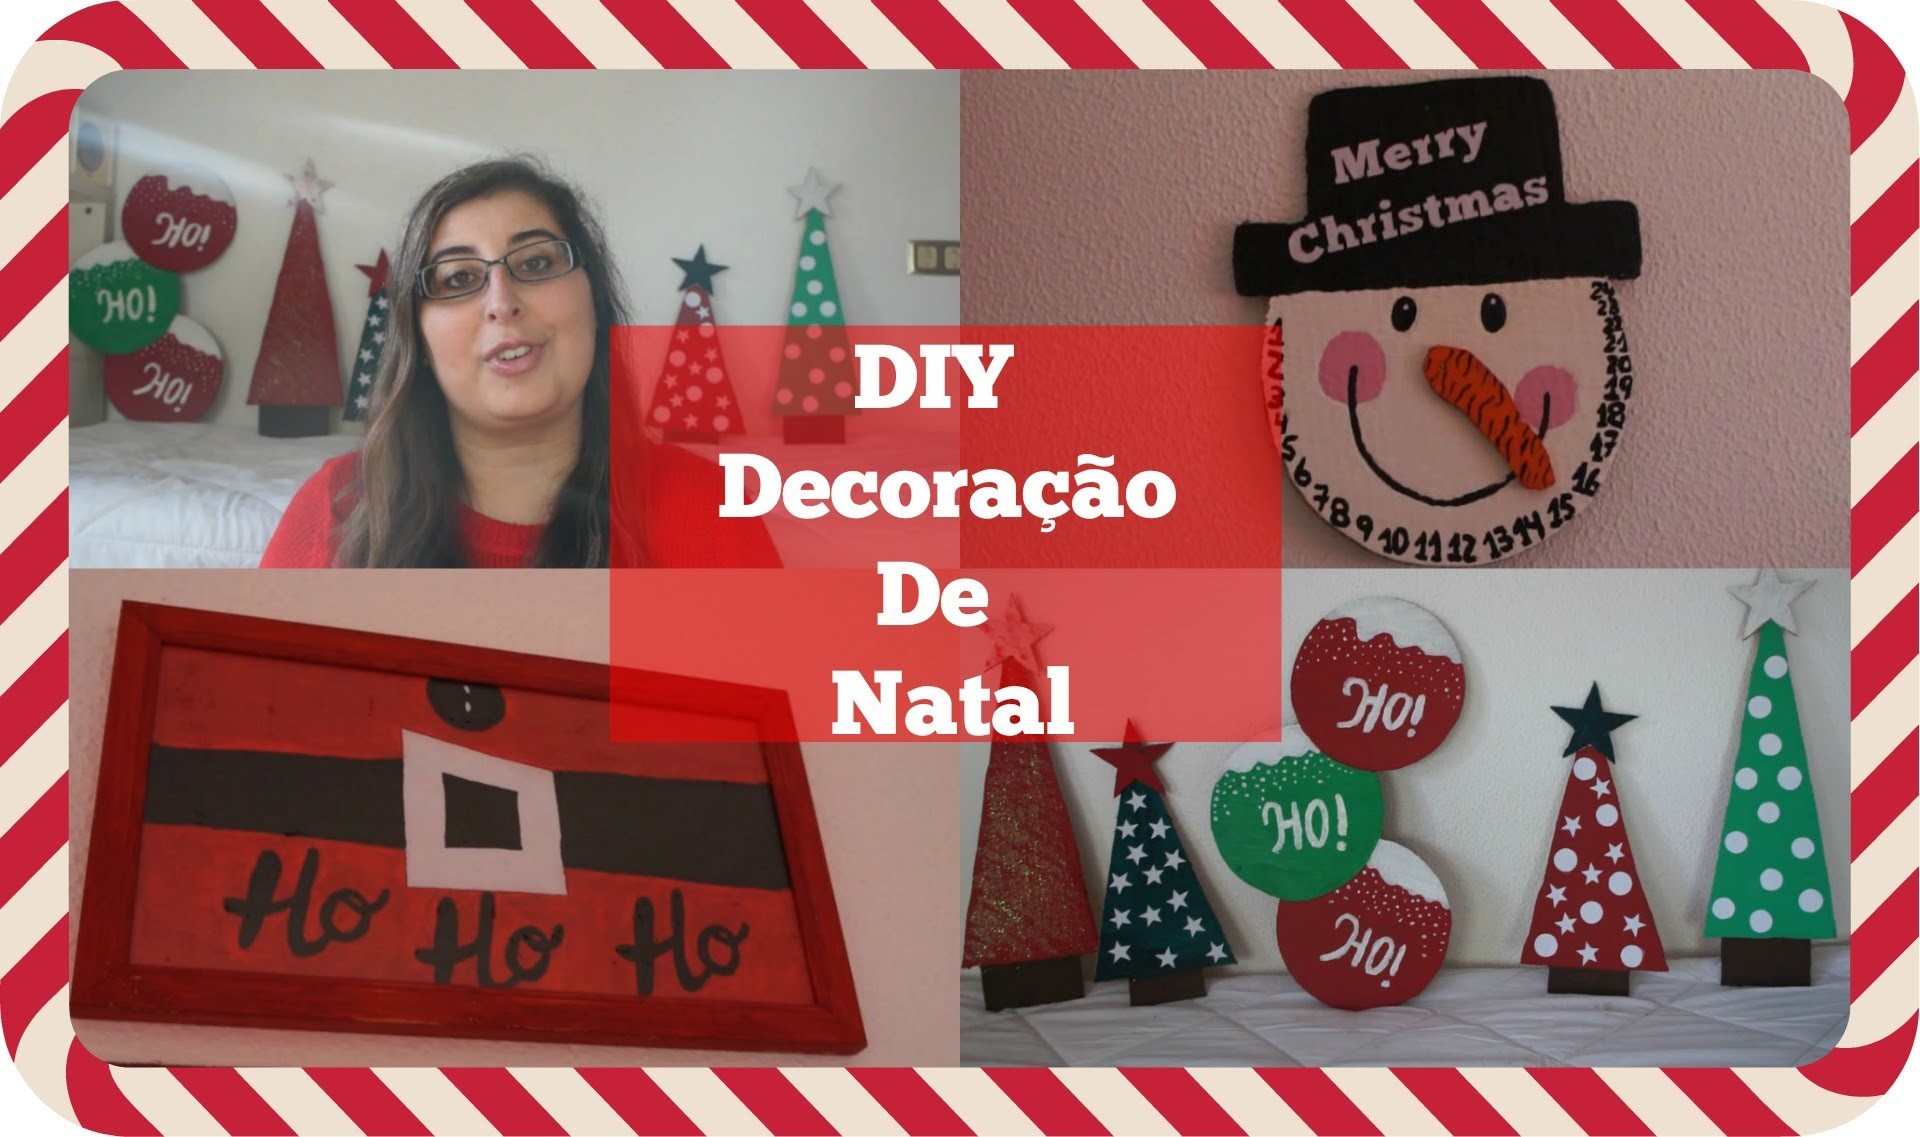 DIY Decorações de Natal ♡ (DIY Christmas Decor) | Ana Correia